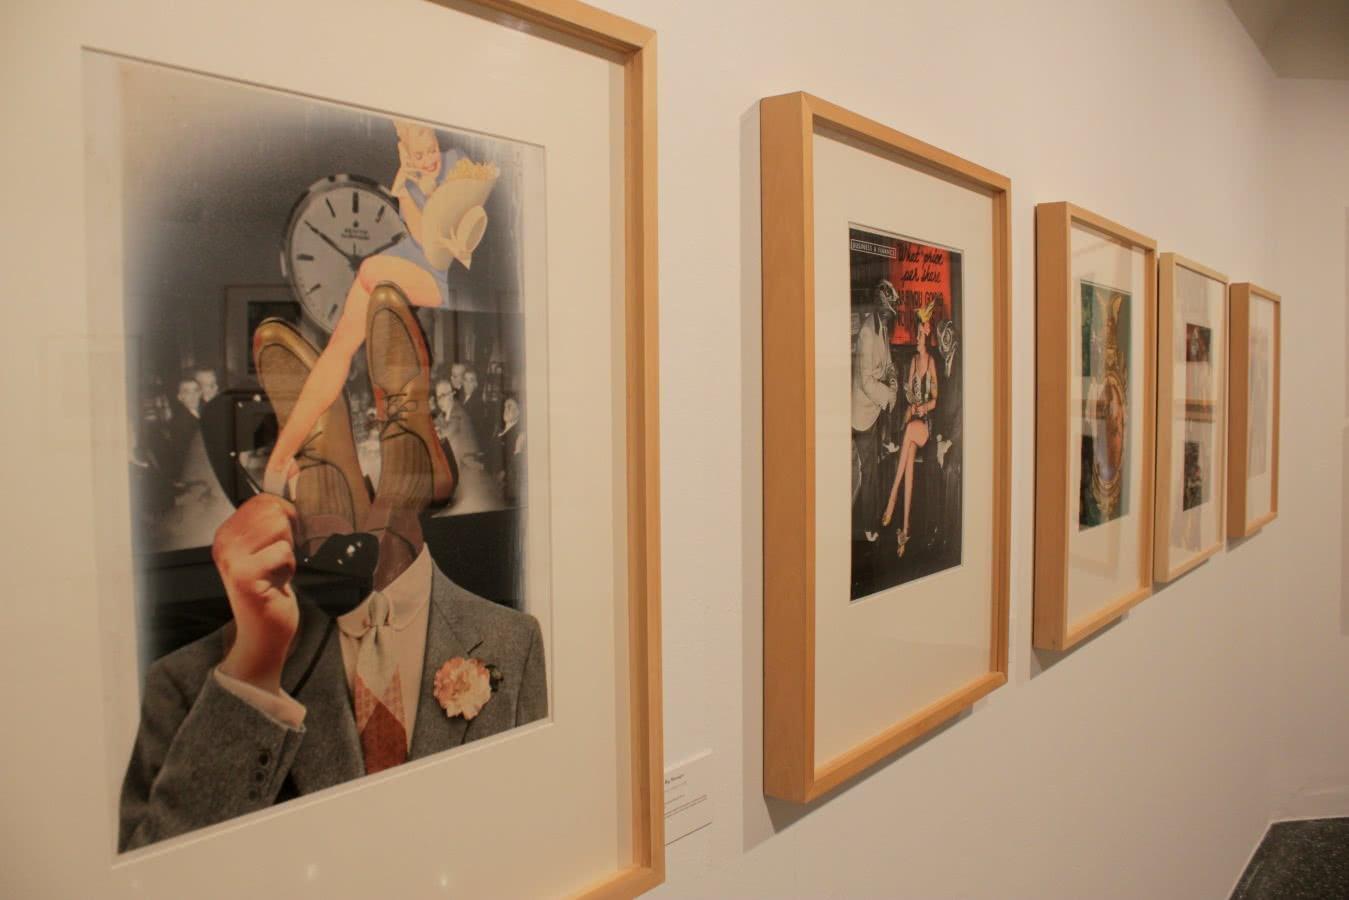 Josep Renau. El estilo de vida americano. Círculo de Bellas Artes de Madrid. Foto: Luis Martín.